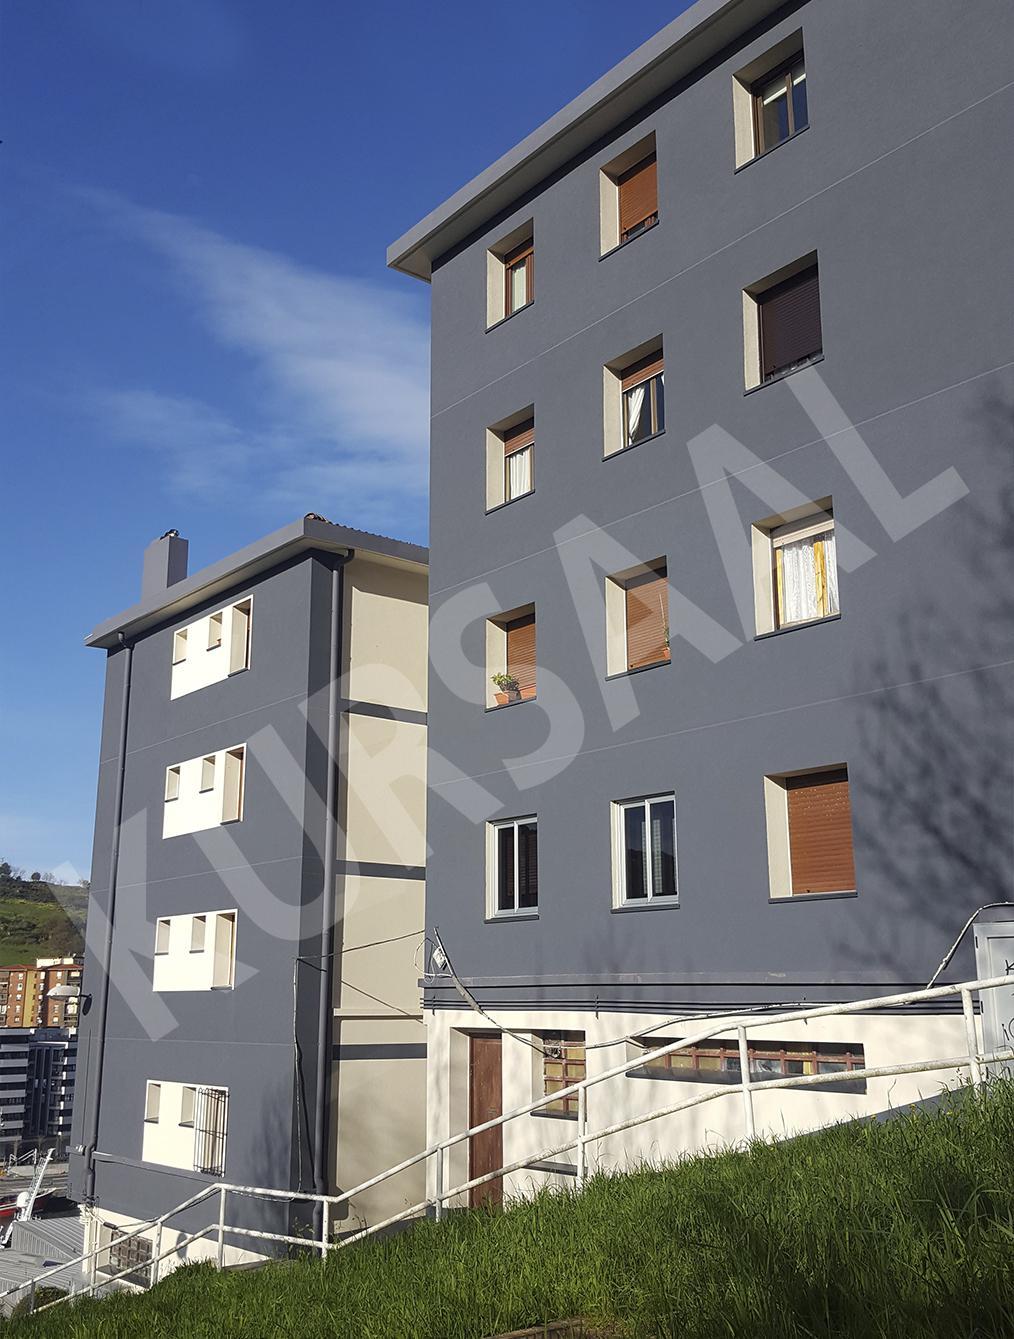 trabajo realizado en: Aislamientos Térmicos y Eficiencia Energética-FACHADA SATE-DONOSTIA, GIPUZKOA-Calzada de Oleta 35-37